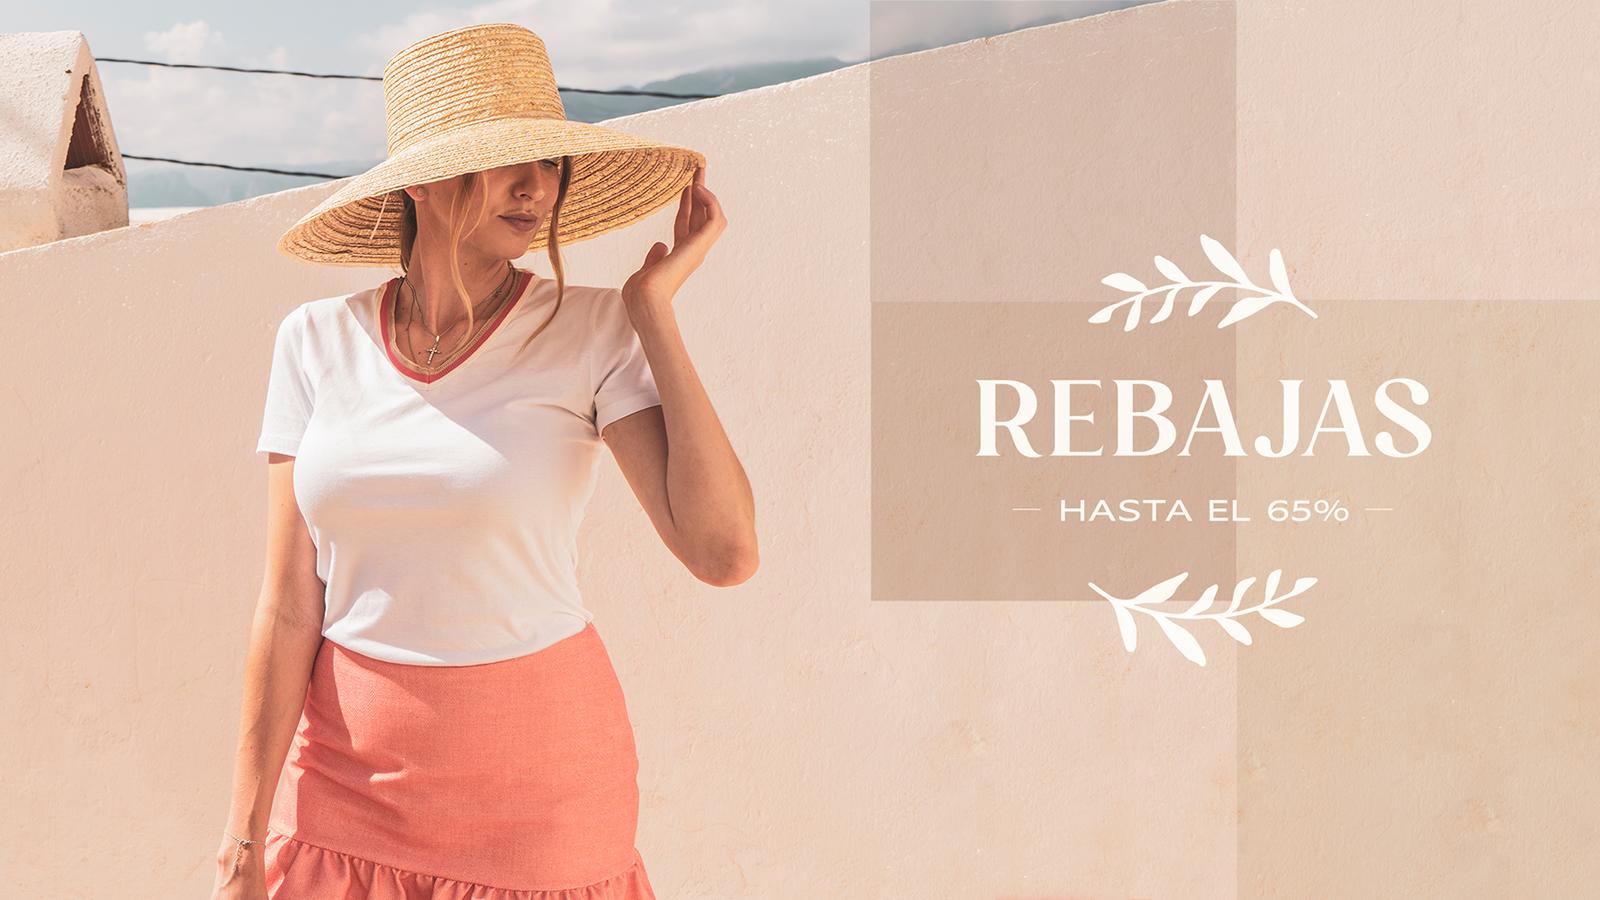 Rebajas La Buena Juanita moda